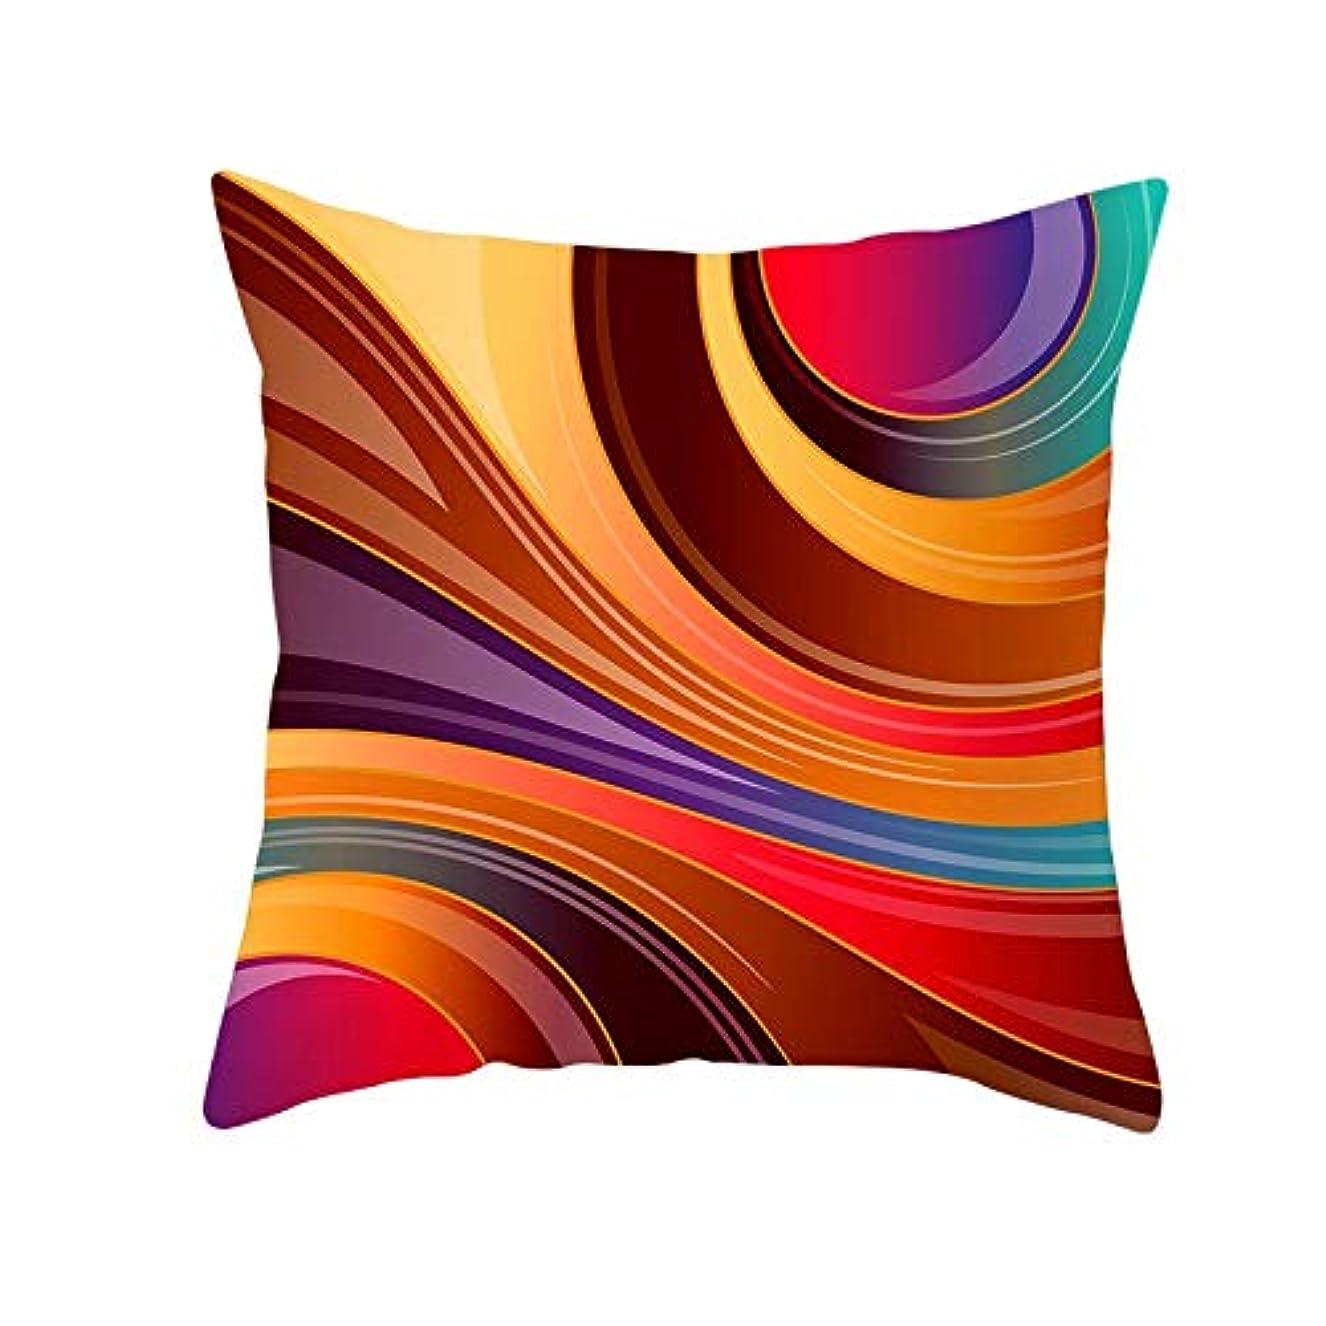 バックグラウンドワームレビュアーLIFE 装飾クッションソファ 幾何学プリントポリエステル正方形の枕ソファスロークッション家の装飾 coussin デ長椅子 クッション 椅子